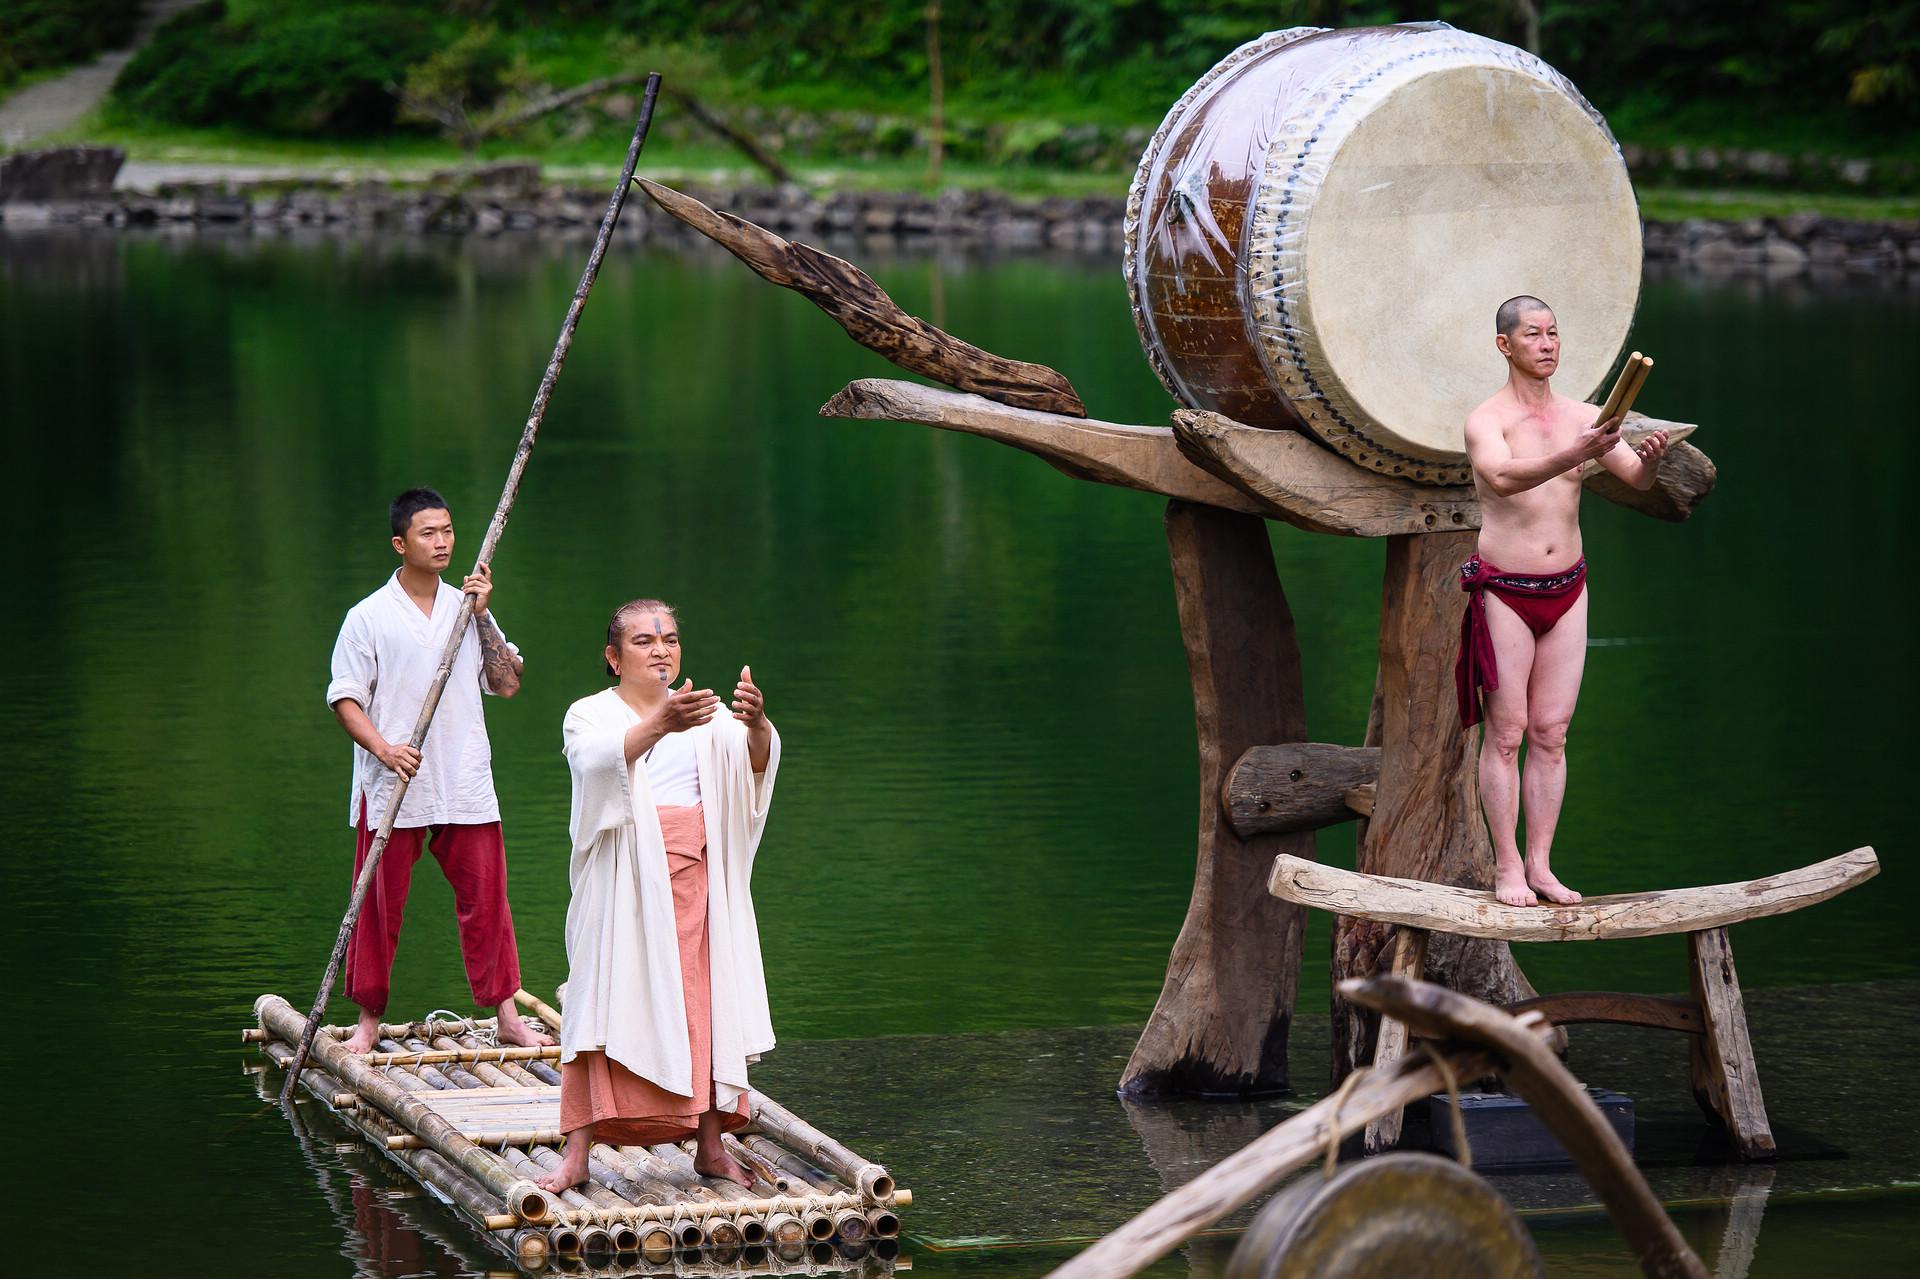 [活動攝影]優人神鼓明池水劇場-即拍即印